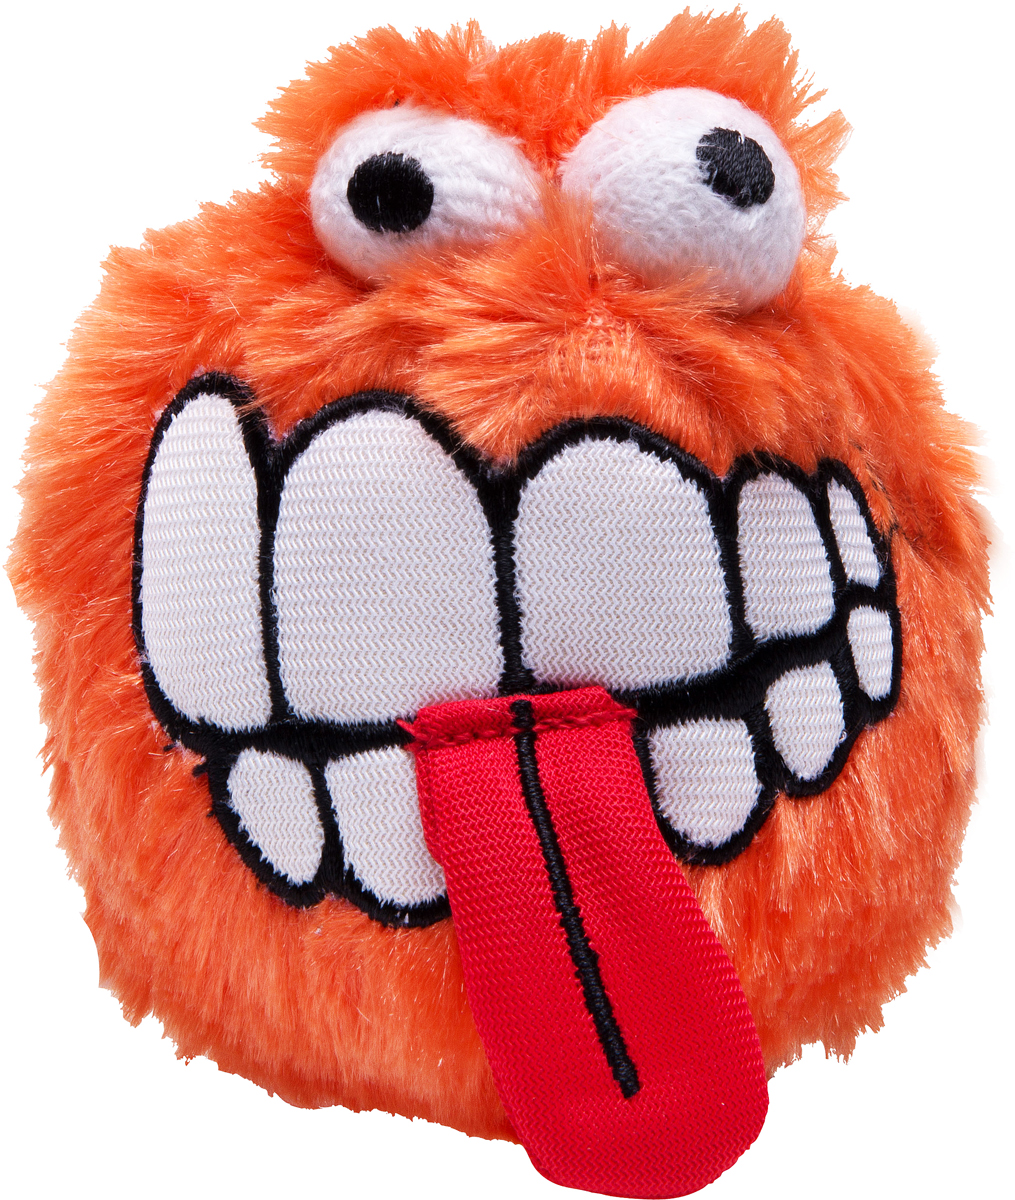 Игрушка для собак Rogz  Fluffy Grinz. Зубы , цвет: оранжевый, диаметр 7,8 см